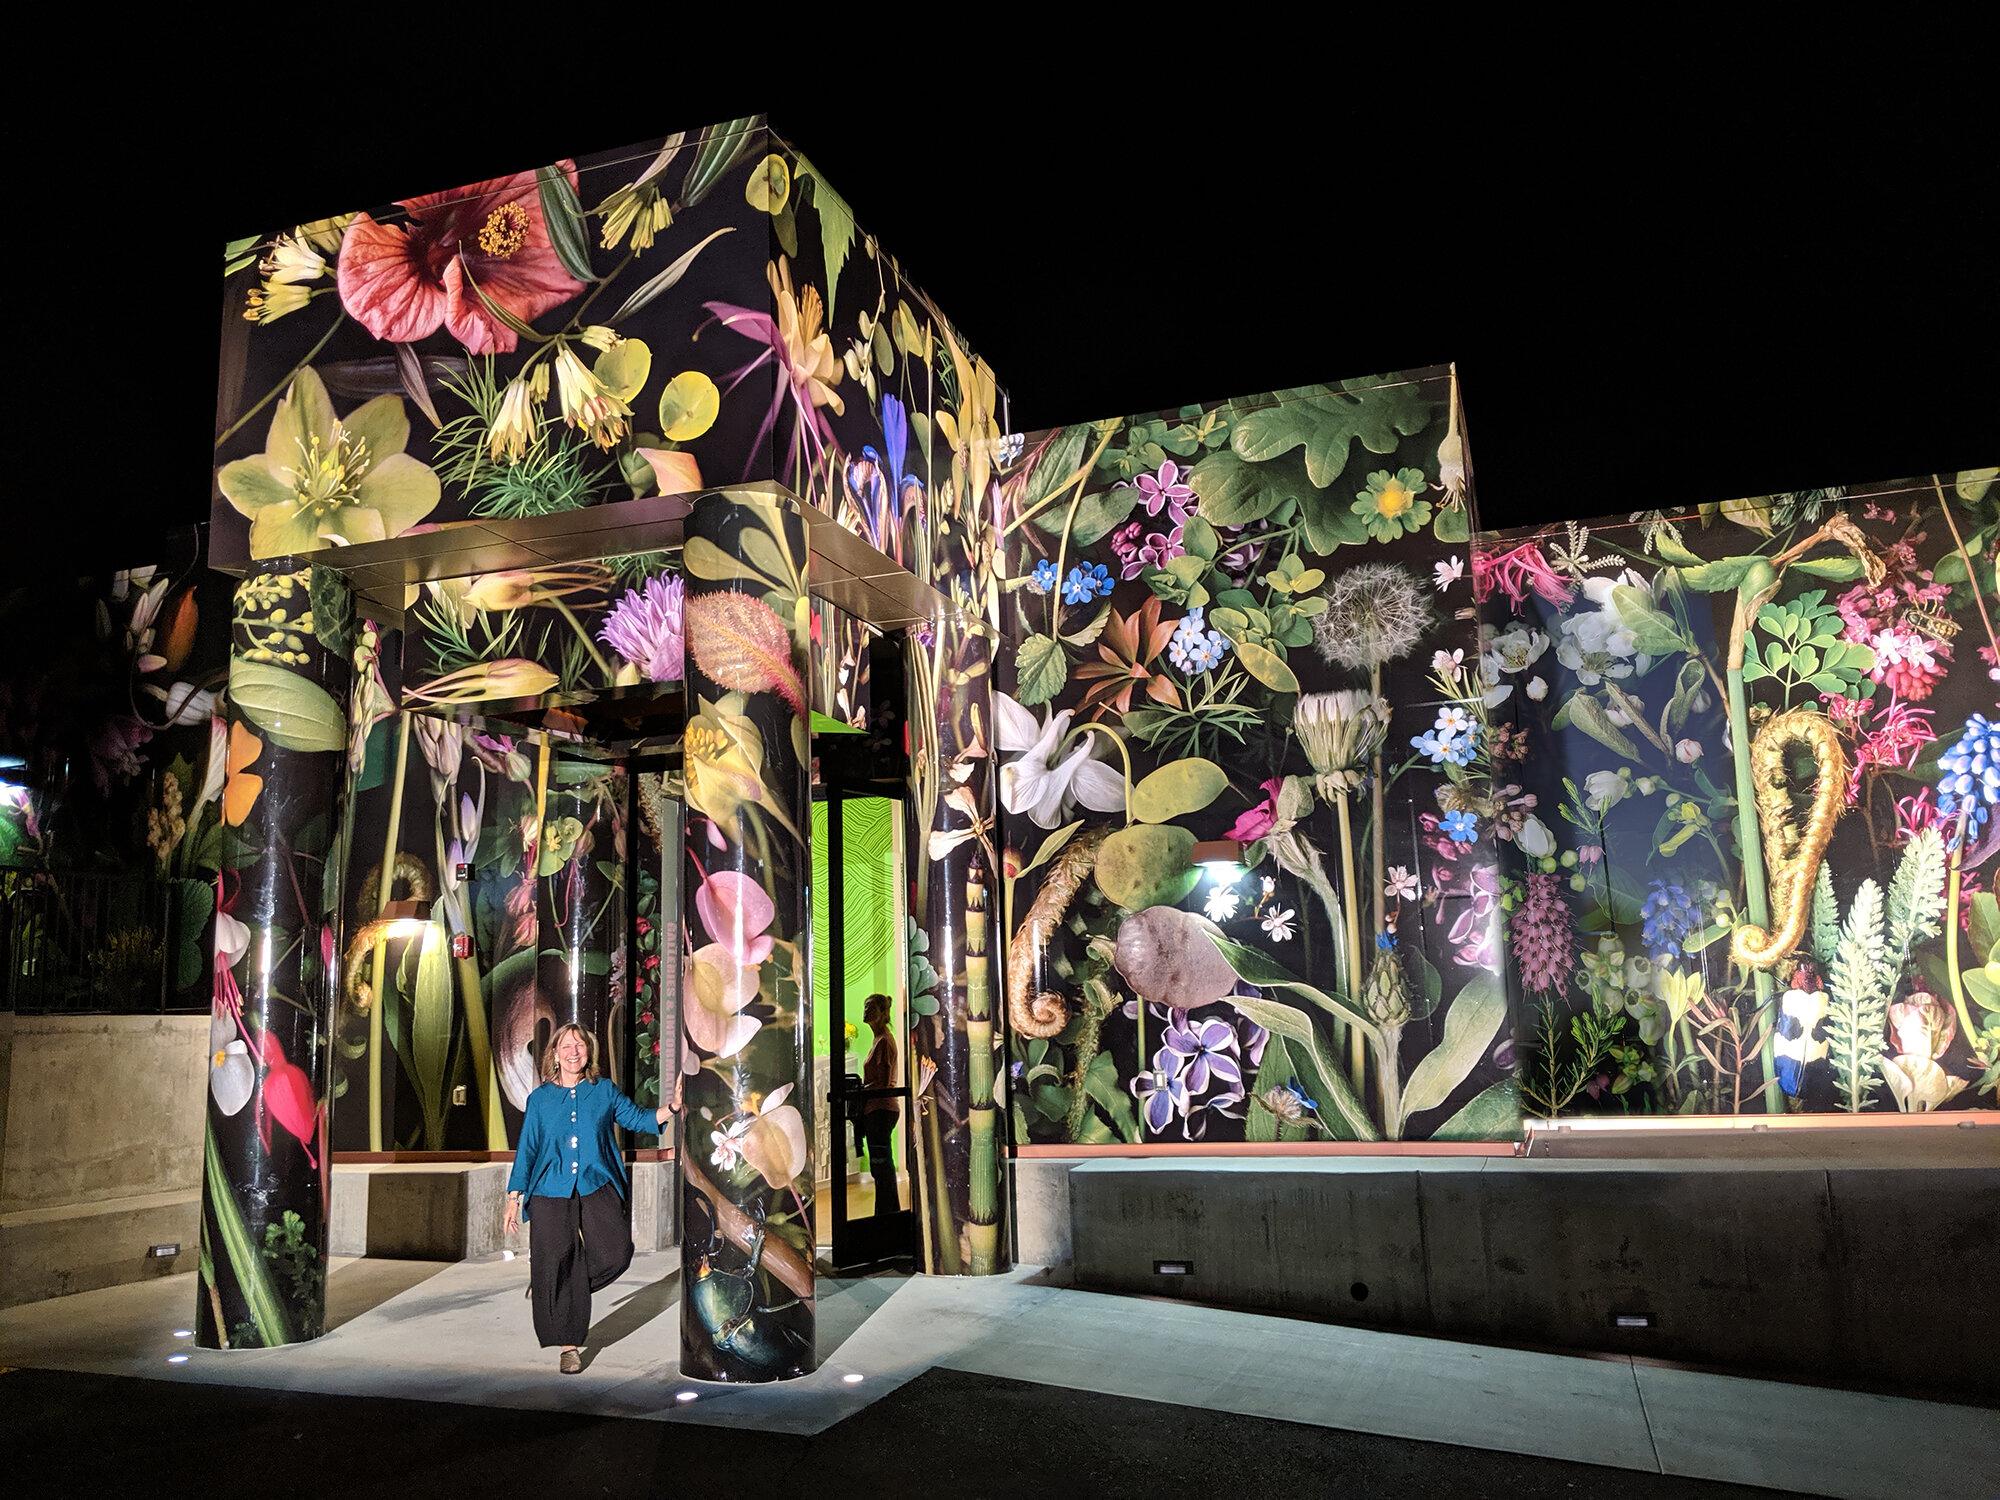 Opening night at Palos Verdes Art Center, September 7, 2019